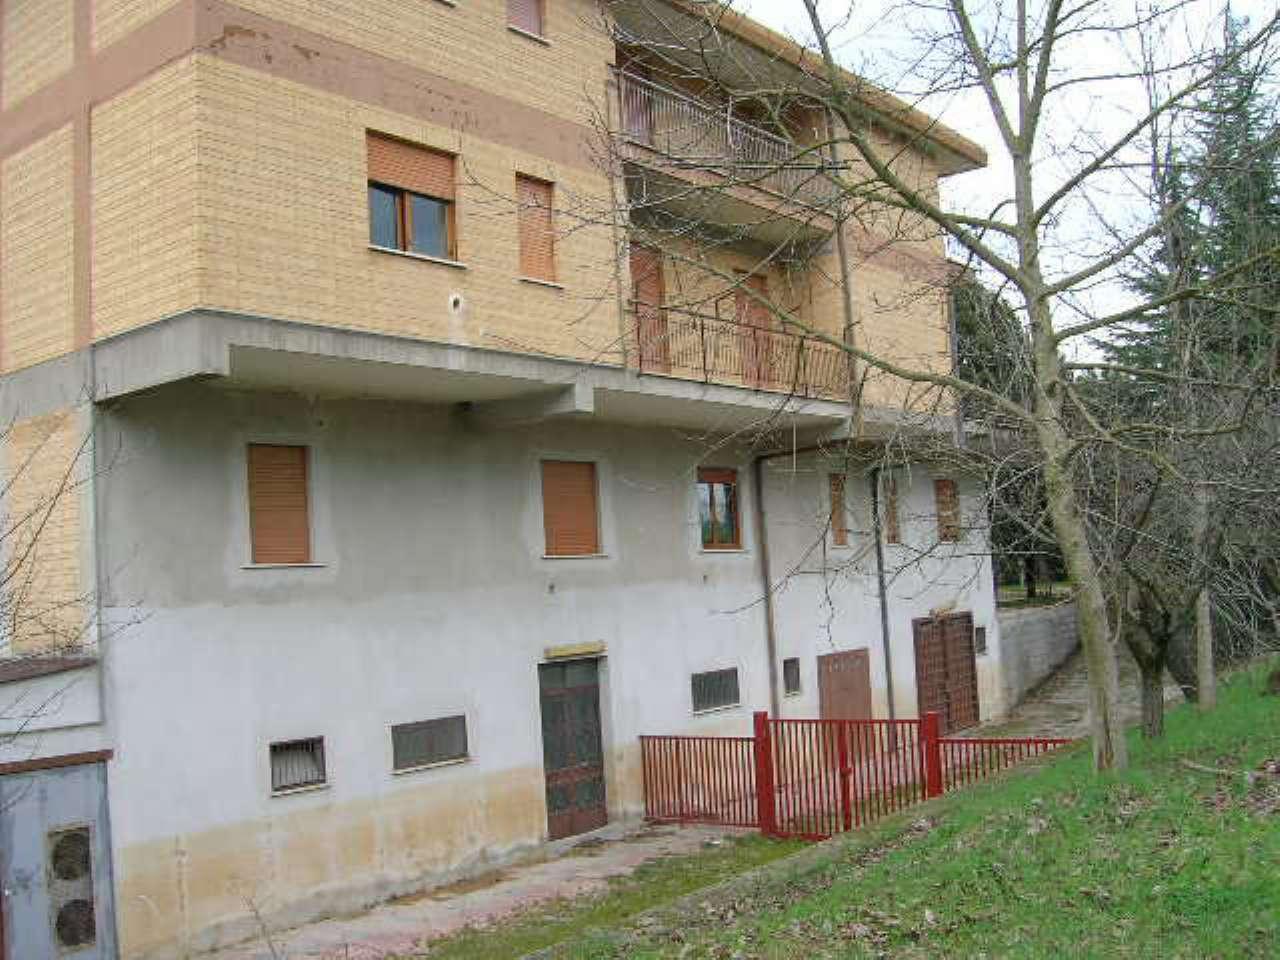 Appartamento in vendita a Morolo, 6 locali, prezzo € 66.000 | CambioCasa.it